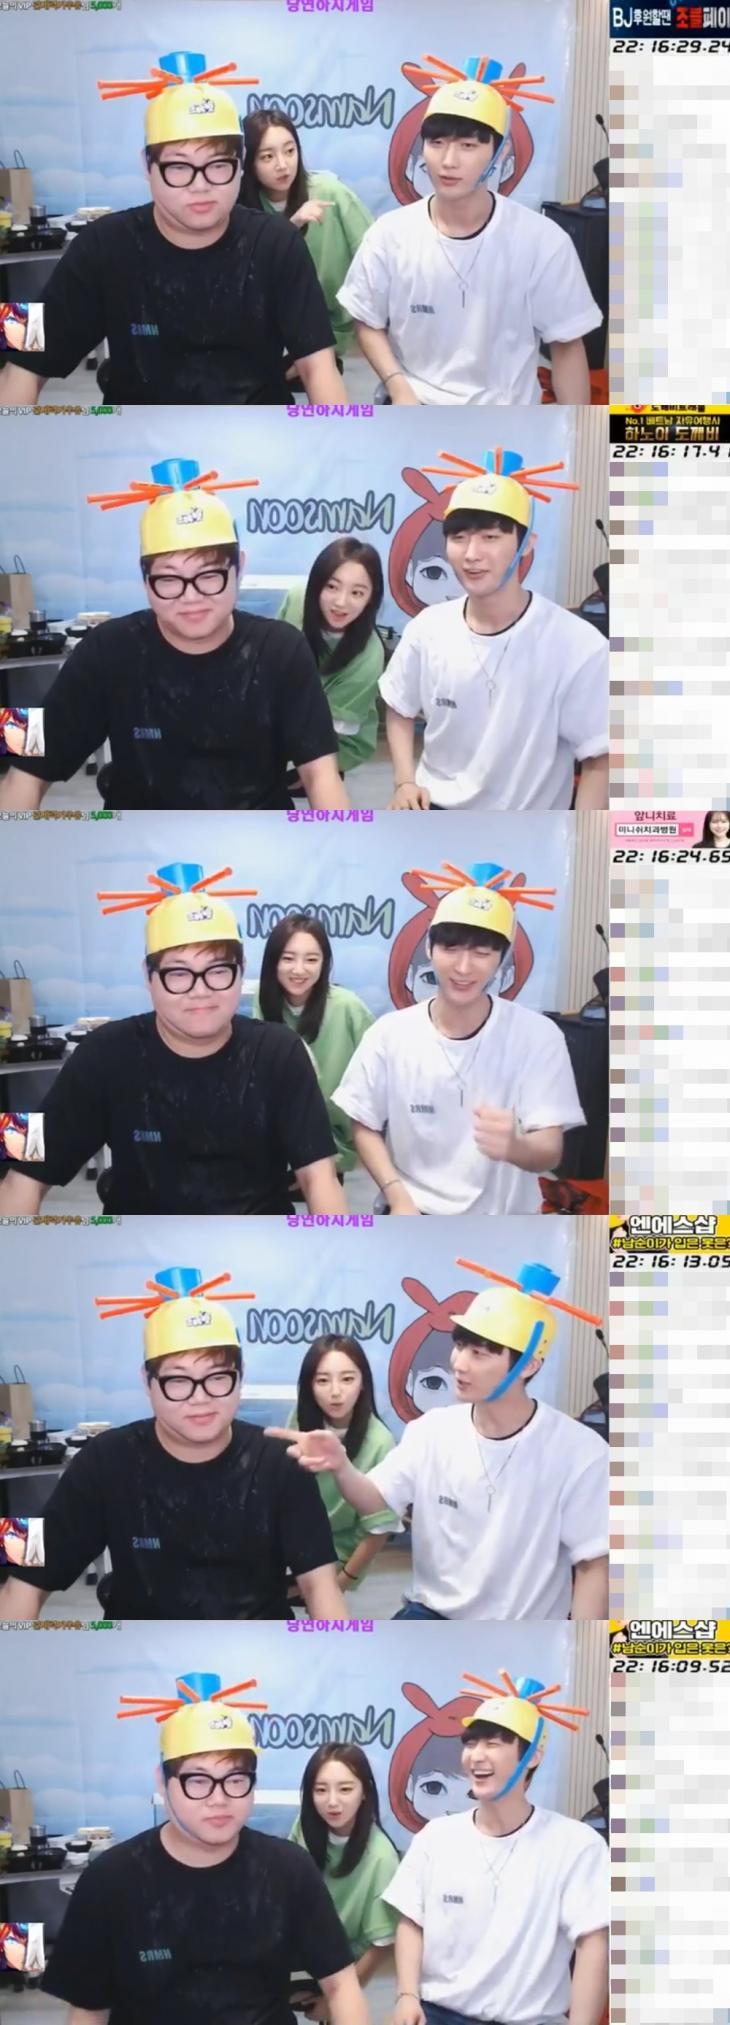 감스트-외질혜-남순 / 아프리카TV 방송 캡처